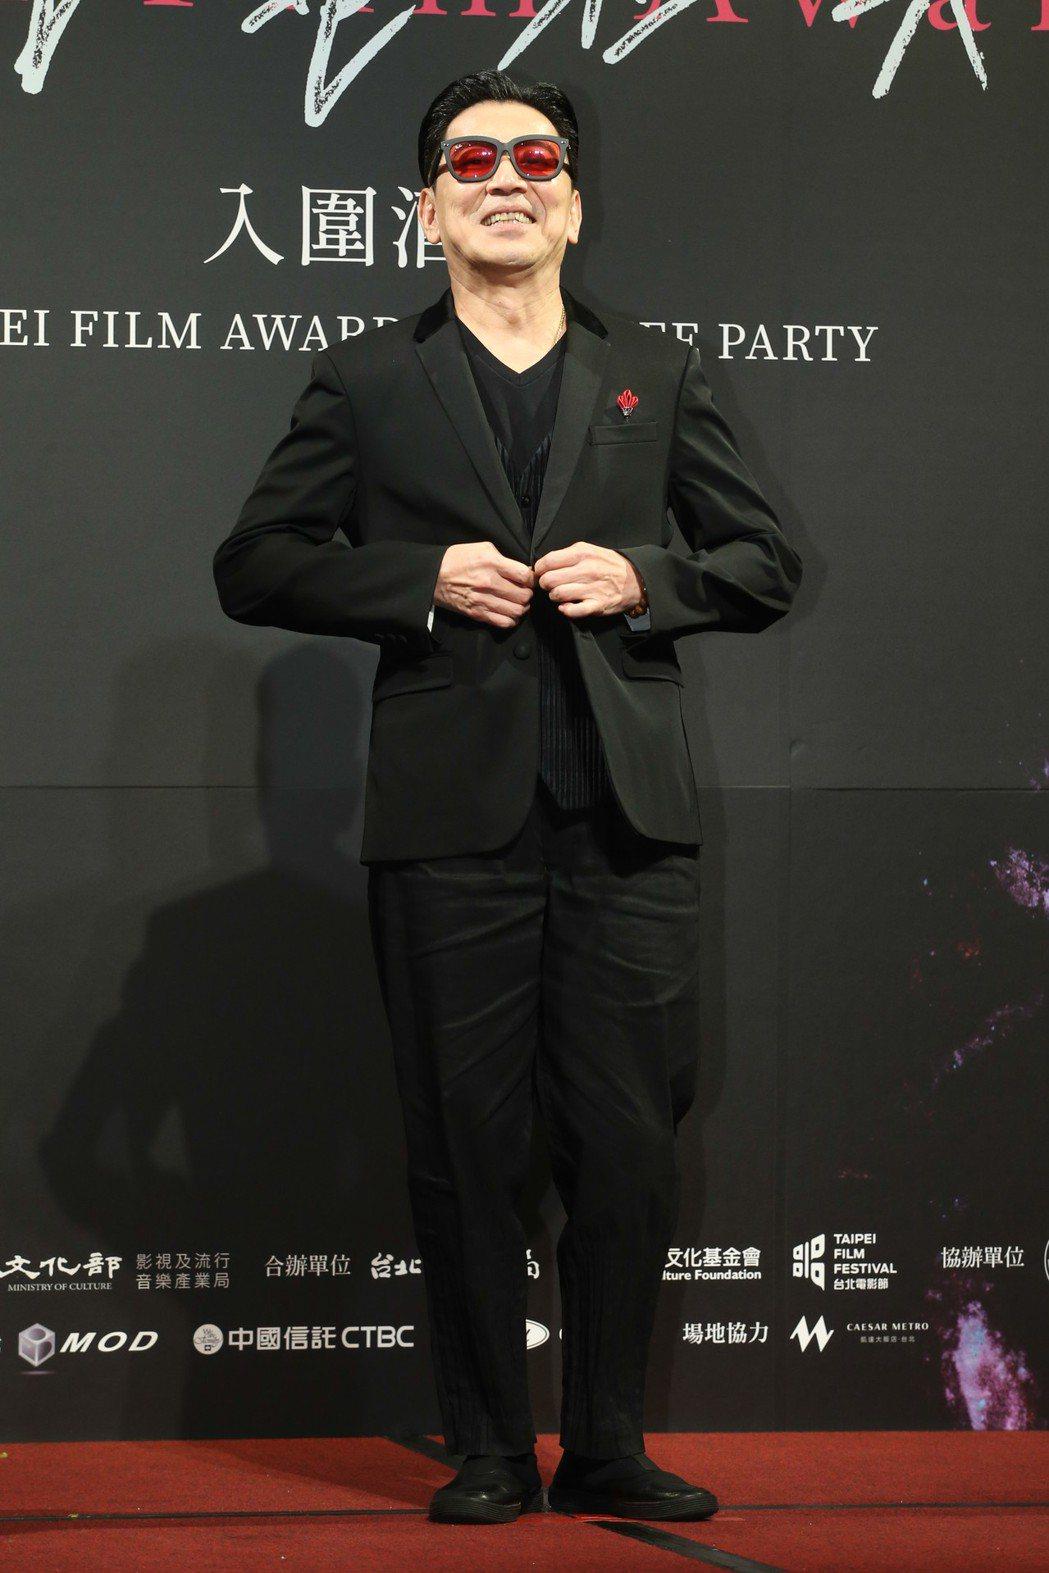 最佳男配角入圍者高捷昨天出席台北電影獎入圍酒會。記者葉信菉/攝影 葉信菉